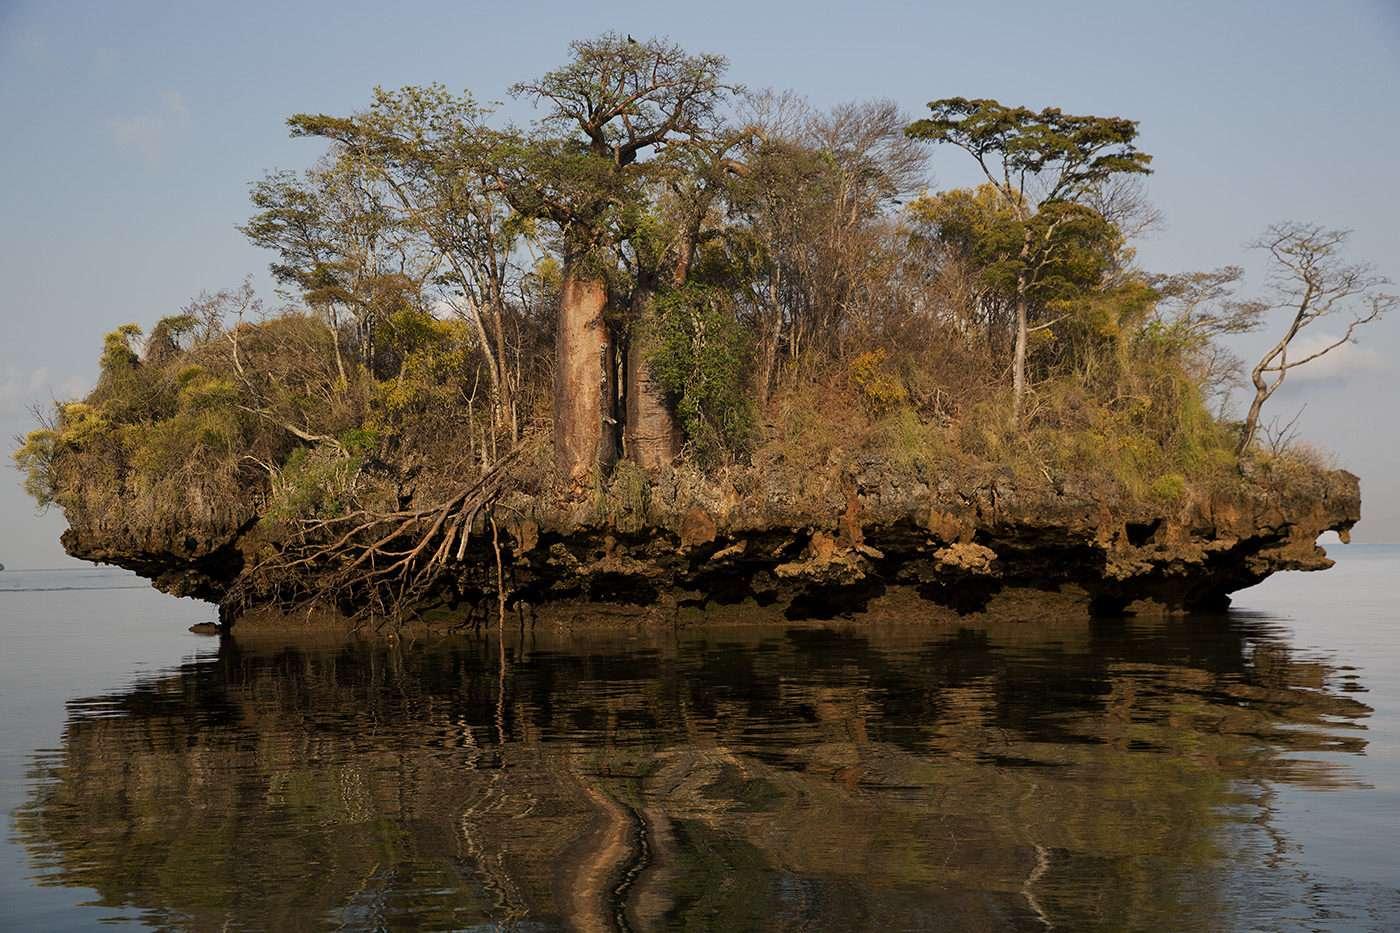 Soutien photographe, Pascal Maitre, un monde de baobabs Madagascar